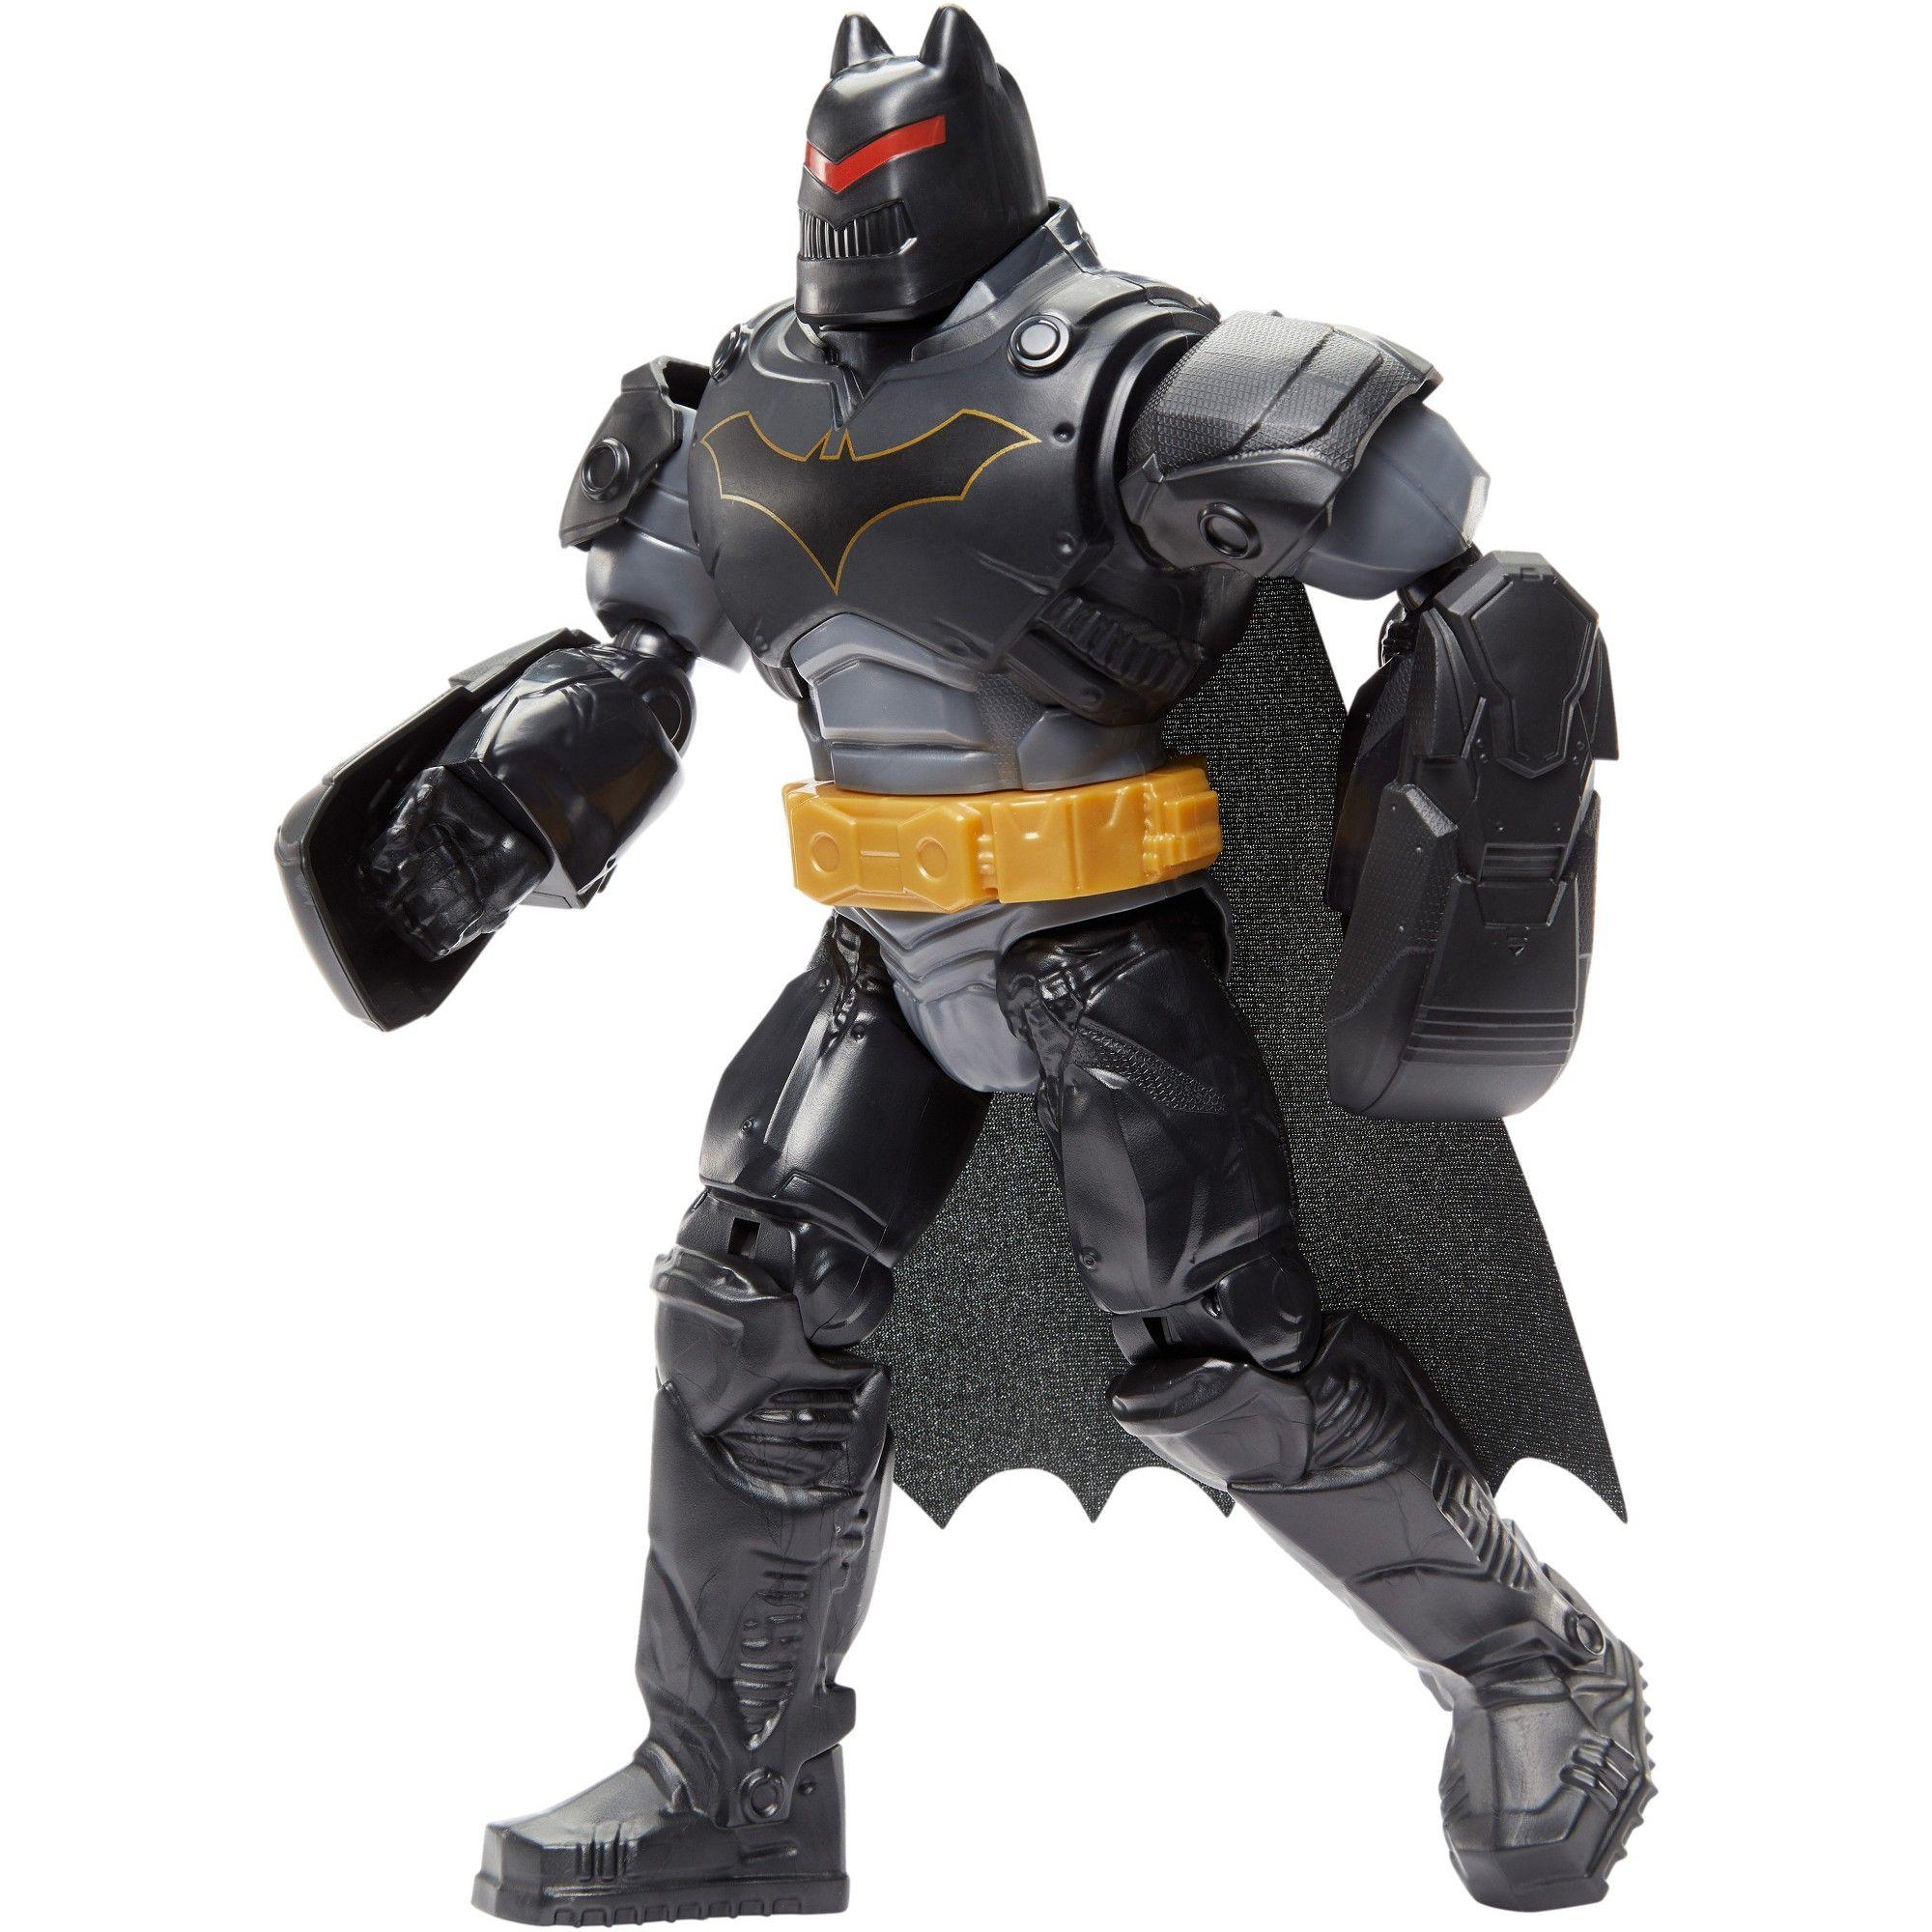 DC Universe Batman Reptile Rage Battle Pack Figures